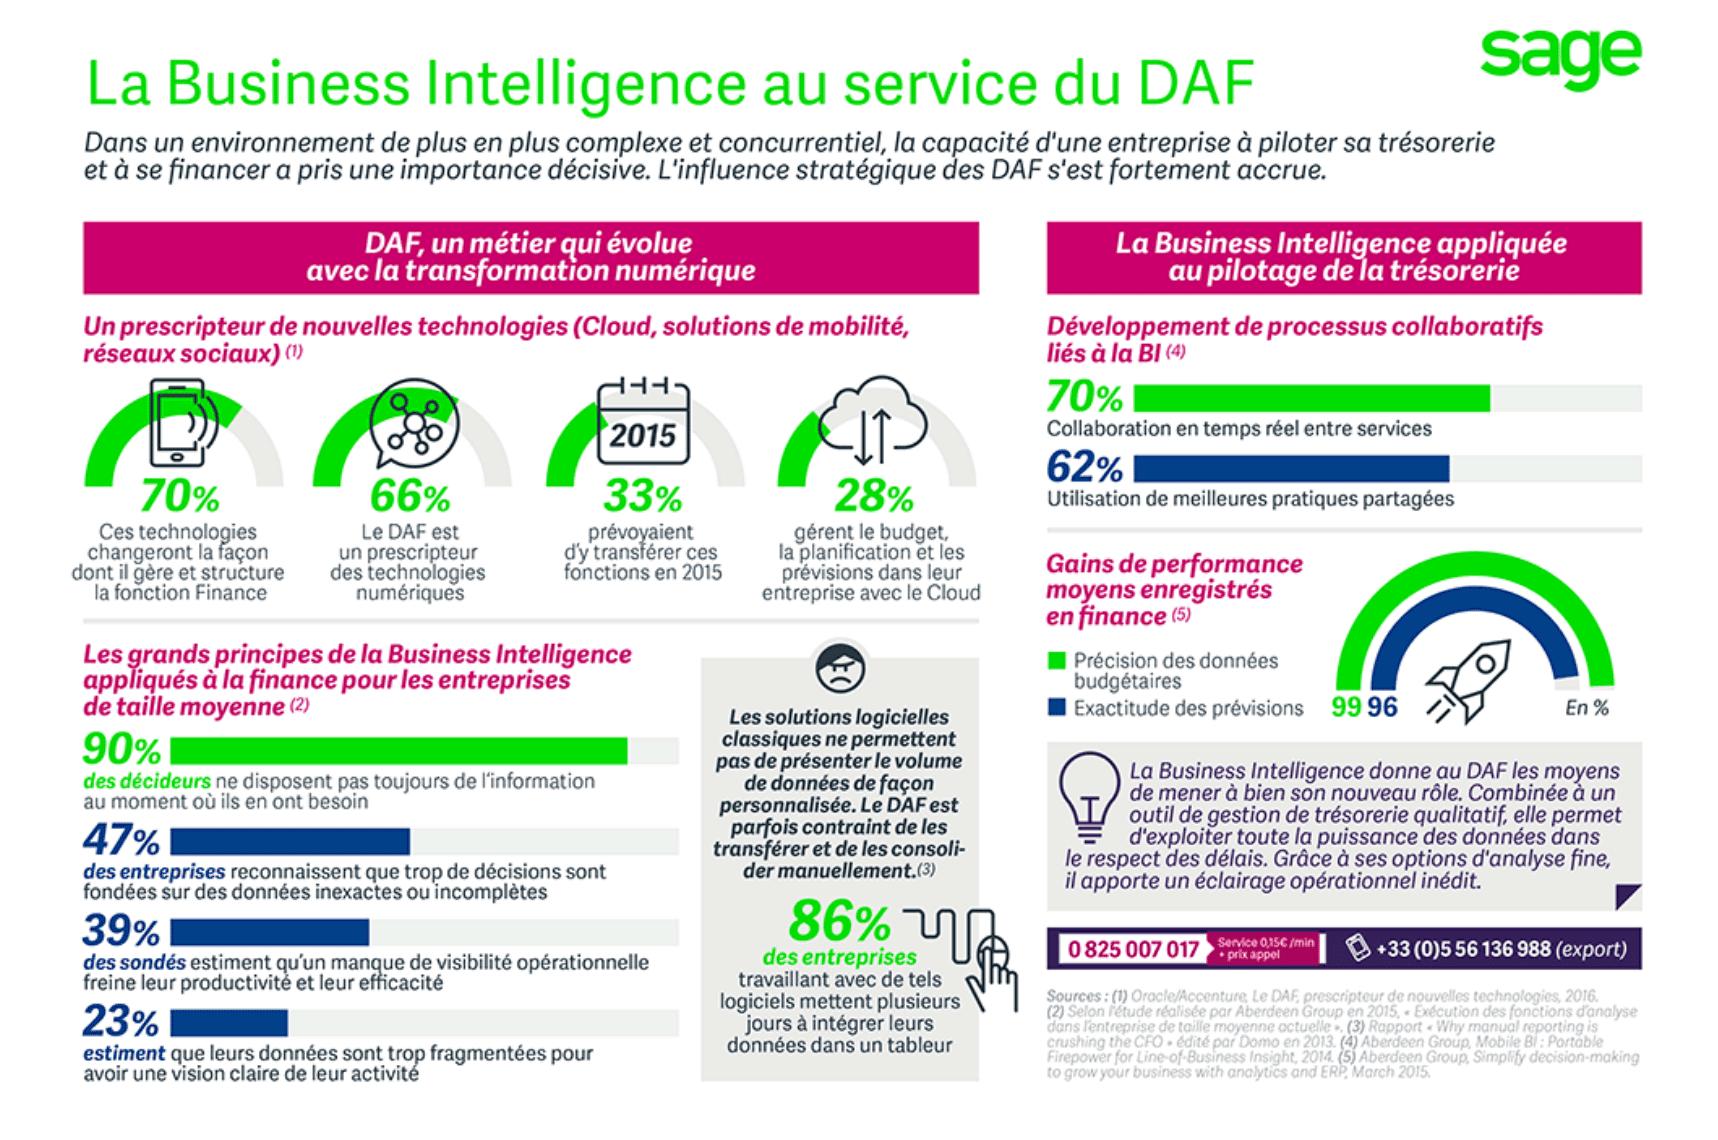 https://blog.sage.fr/business-intelligence-daf-tresorier/